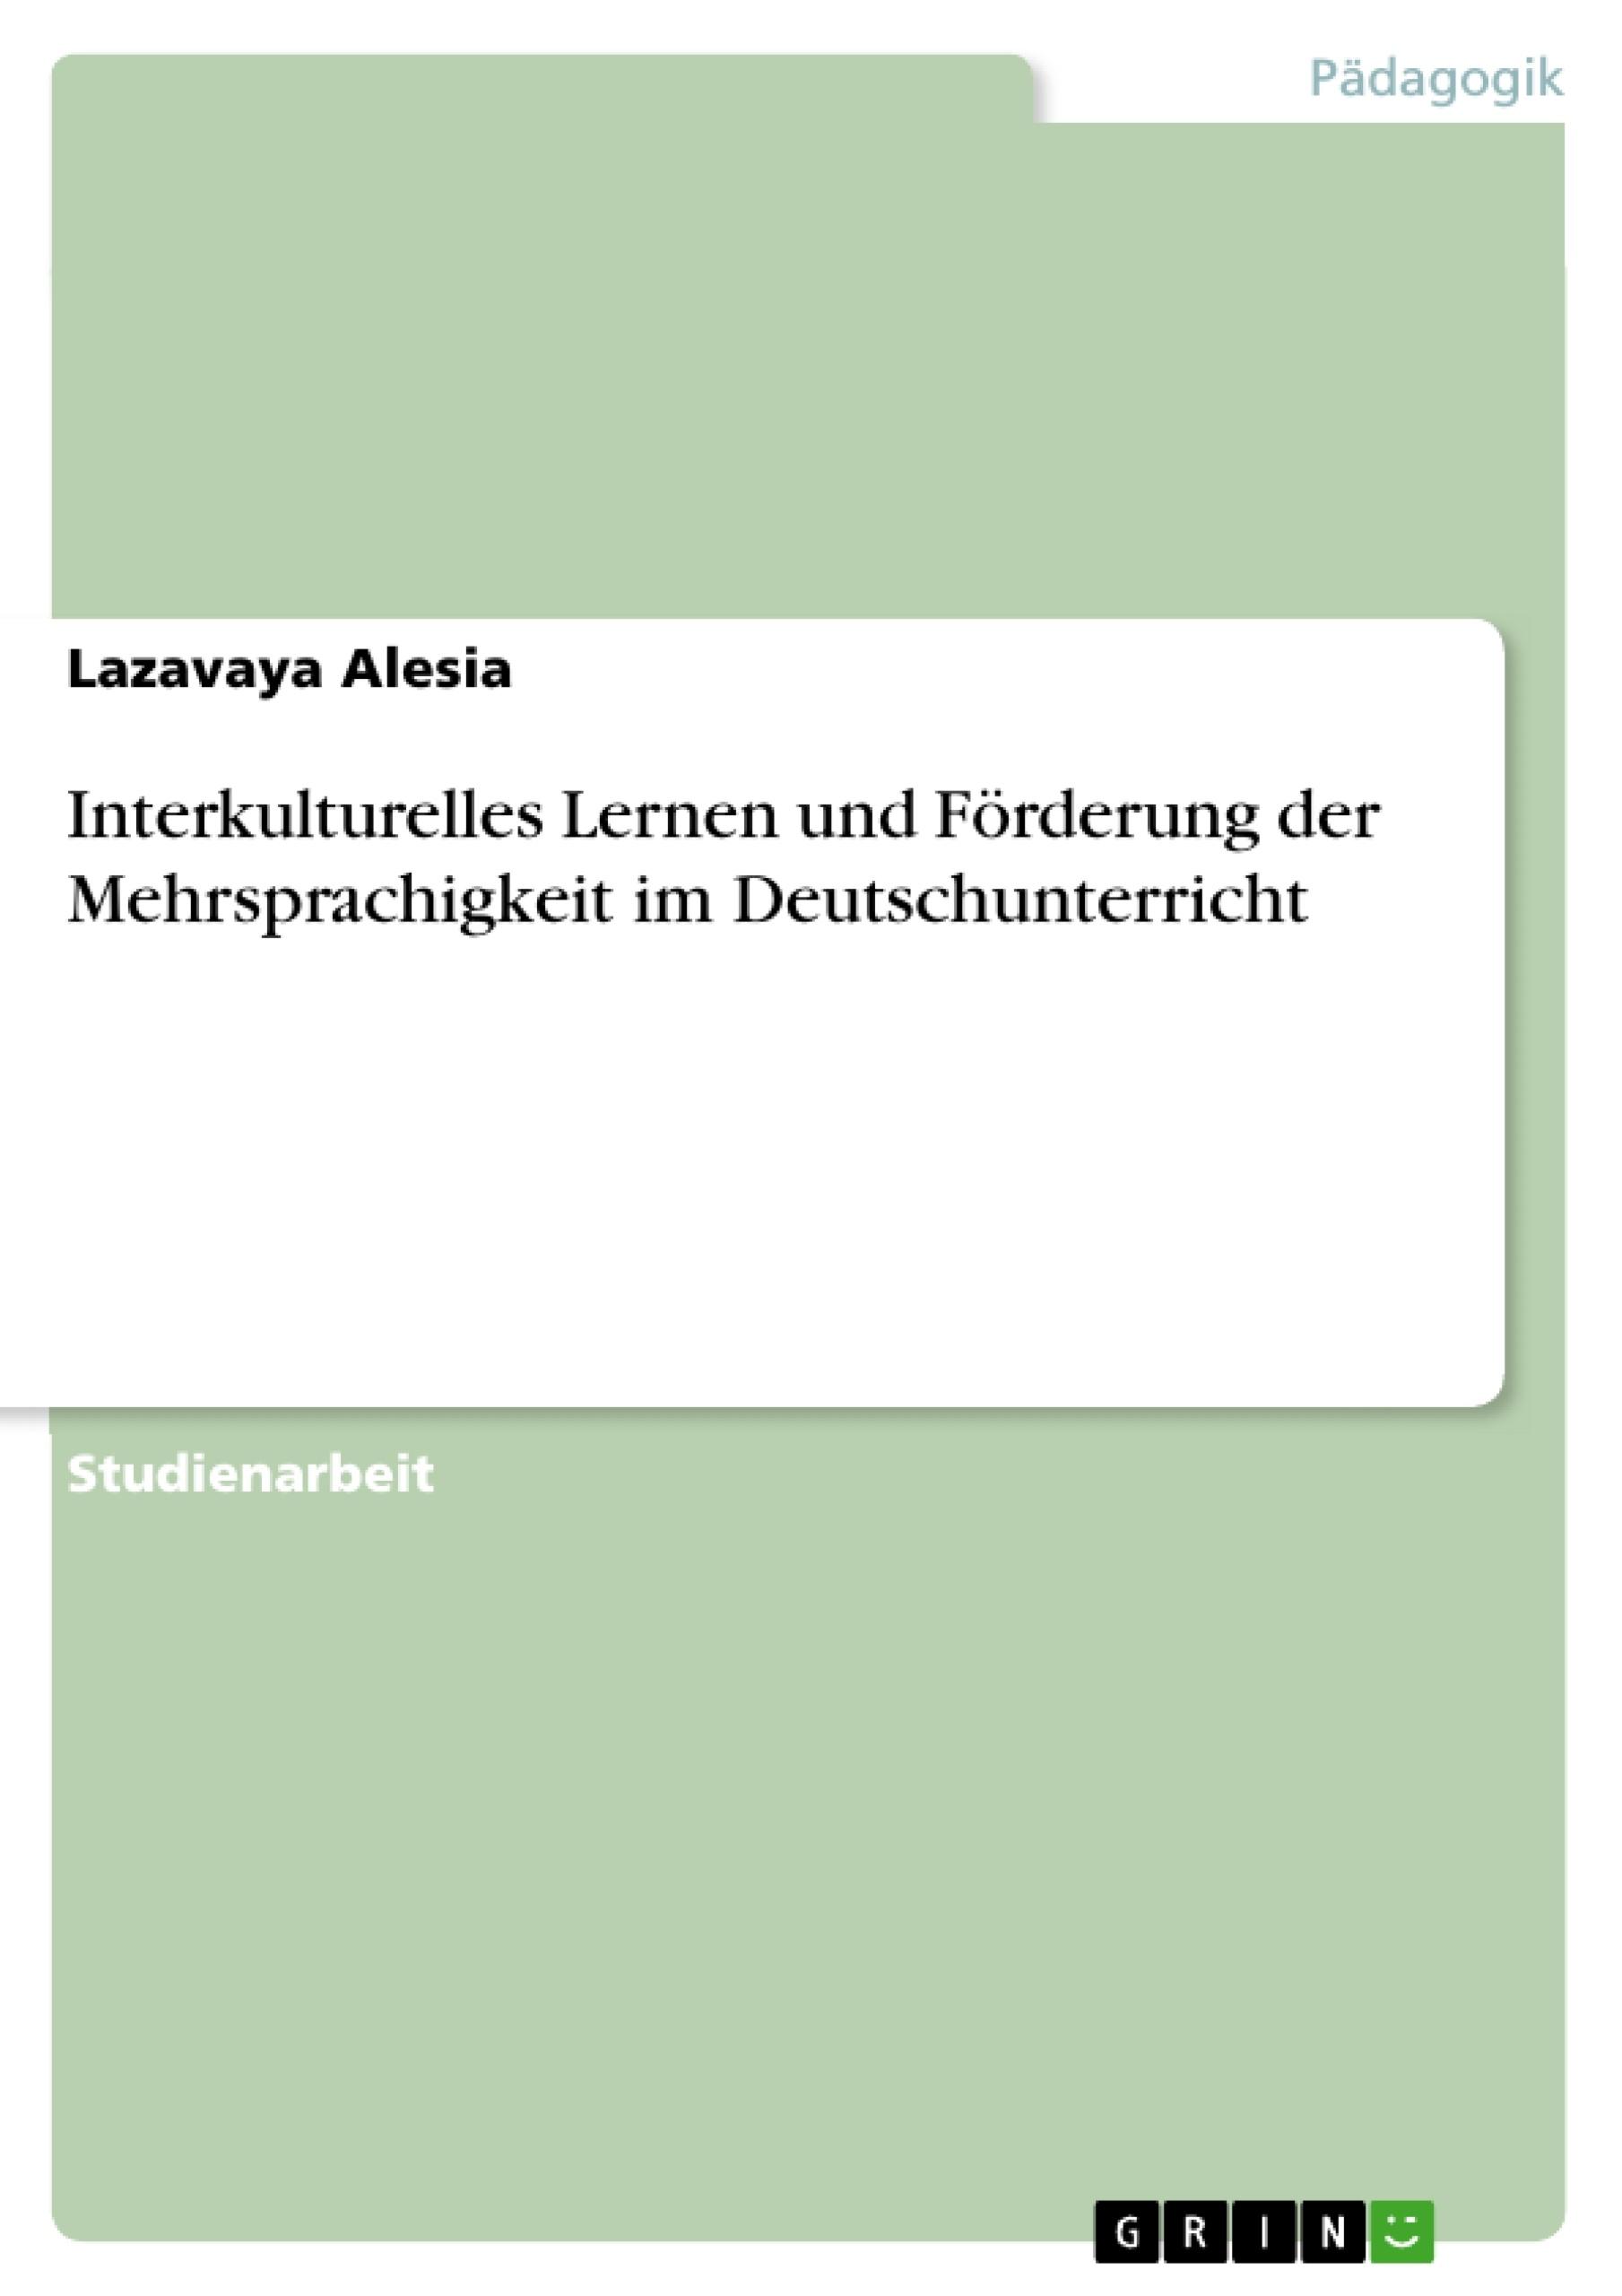 Titel: Interkulturelles Lernen und Förderung der Mehrsprachigkeit im Deutschunterricht